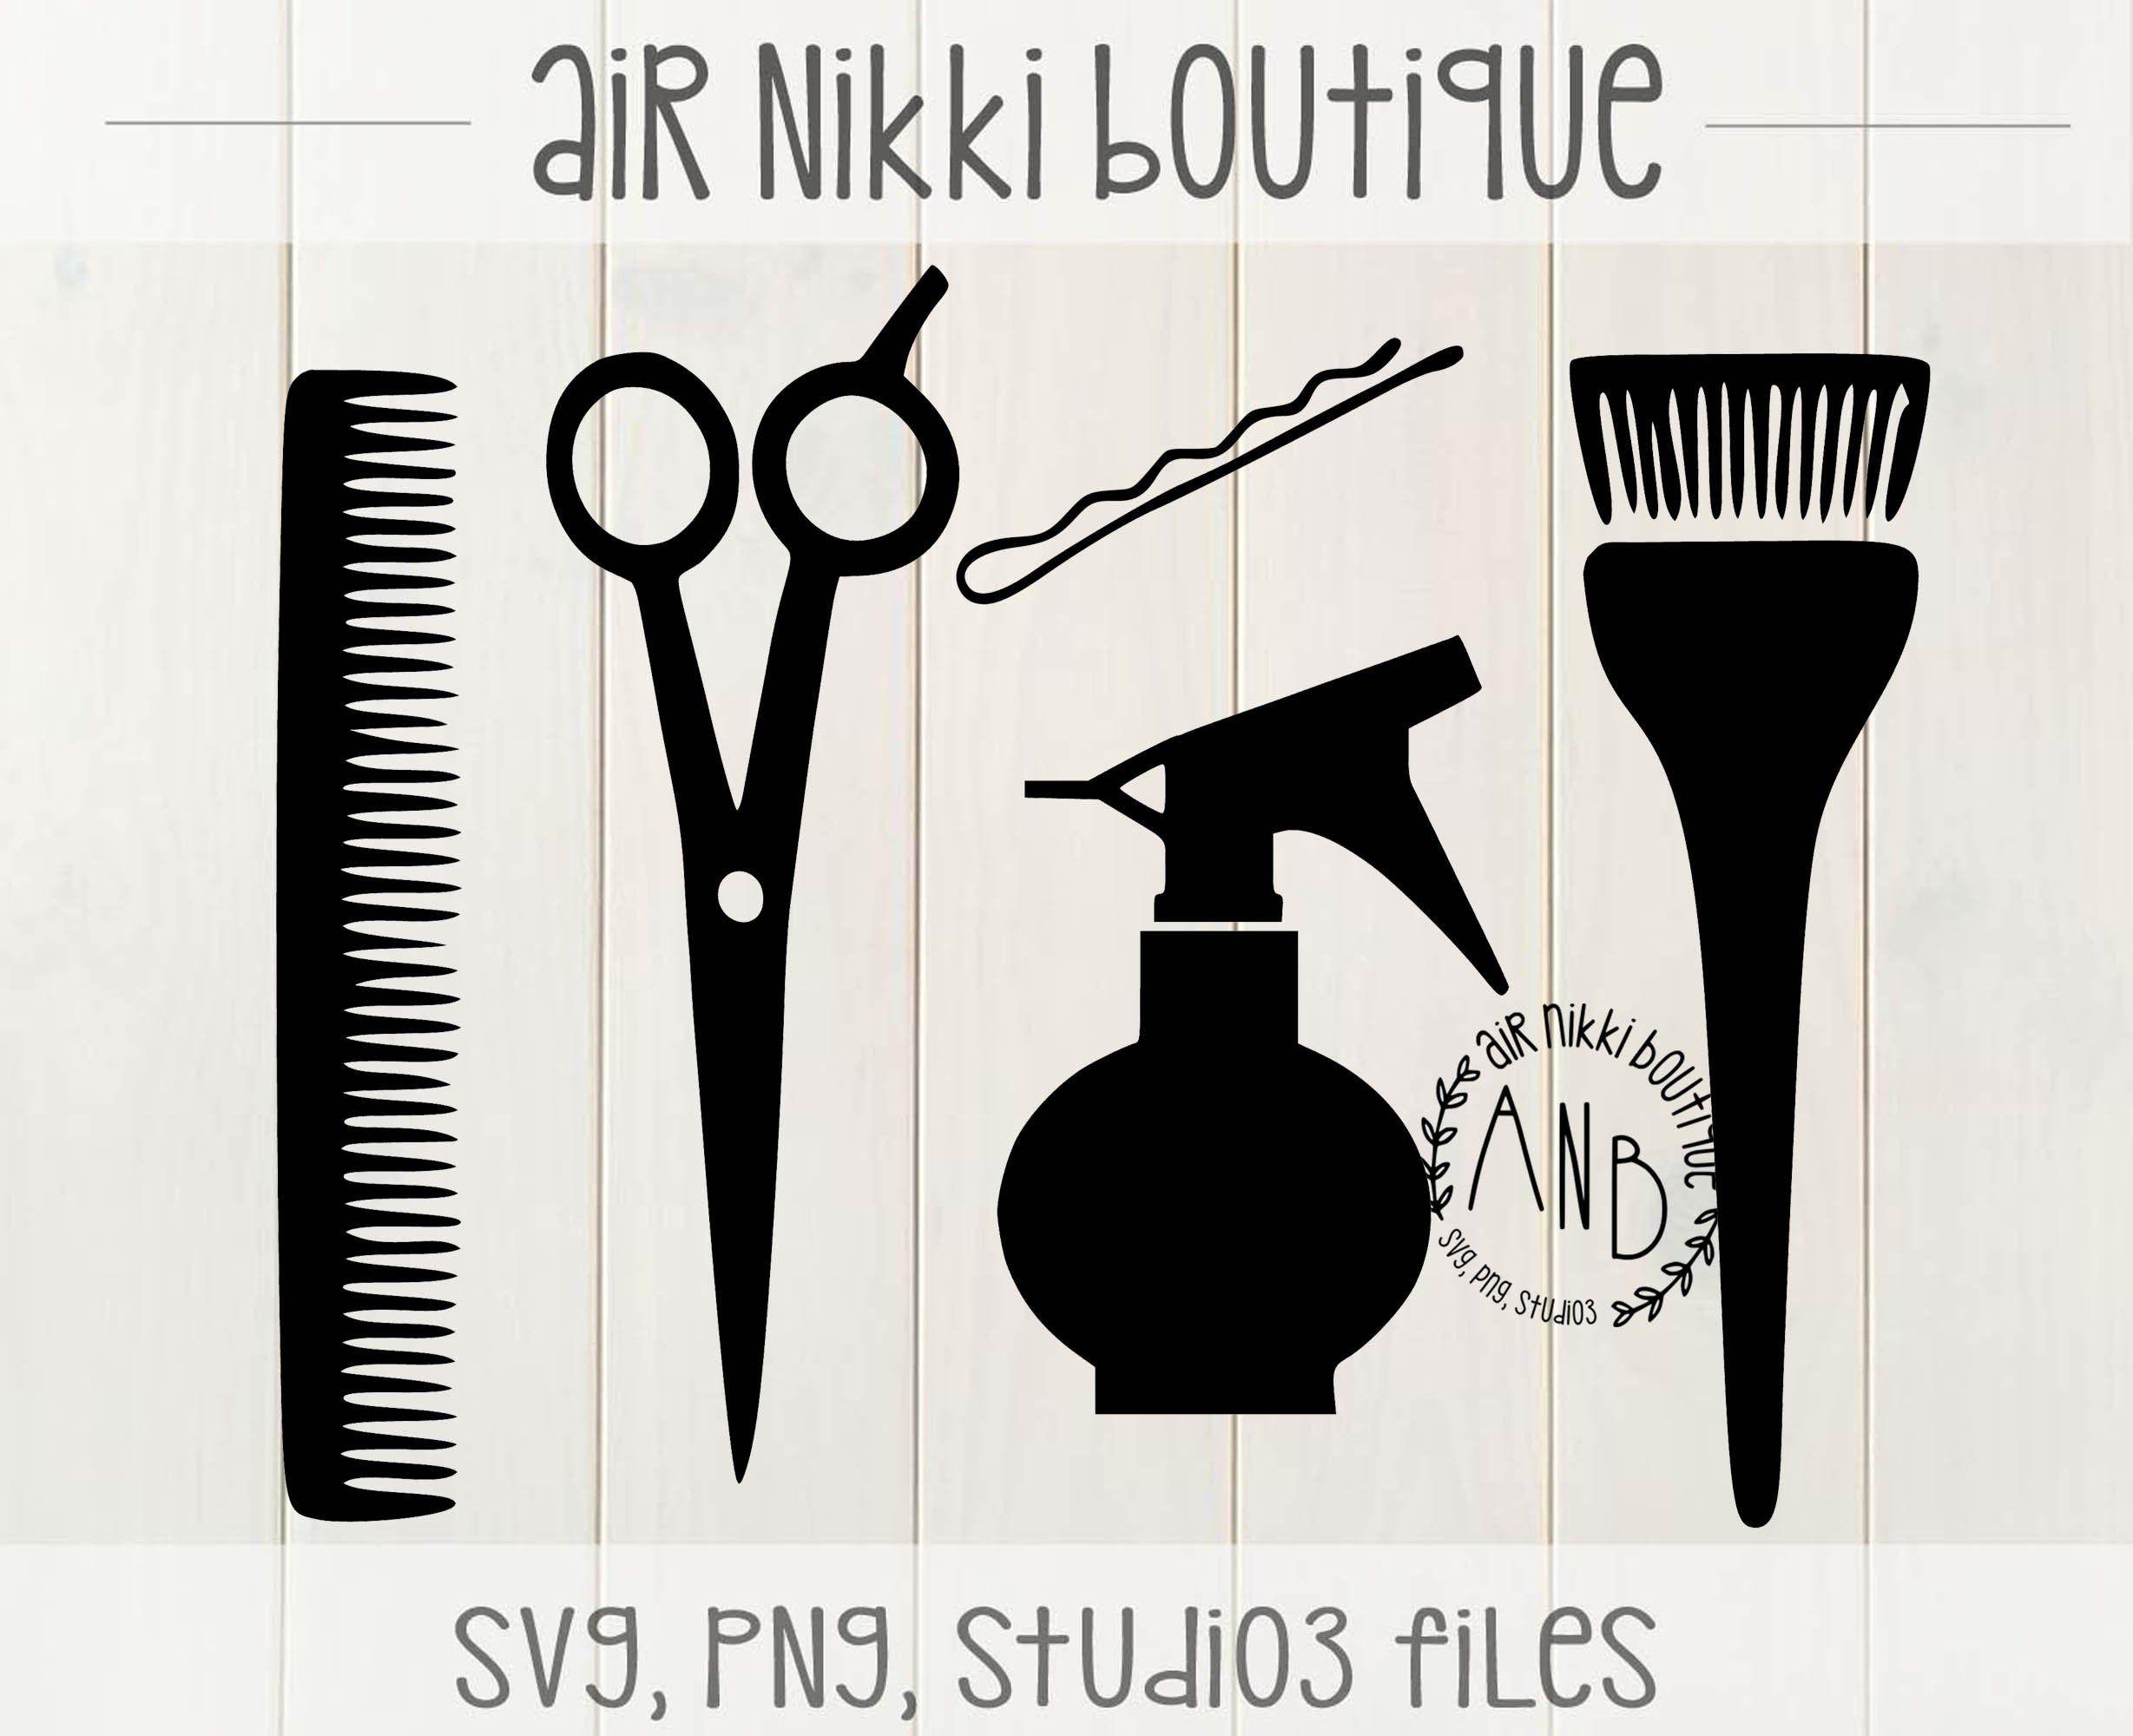 Hair Dresser Comb Scissors Bobby Pin Spray Bottle Dye Etsy In 2021 Hair Dresser Hair Salon Tools Bobby Pins